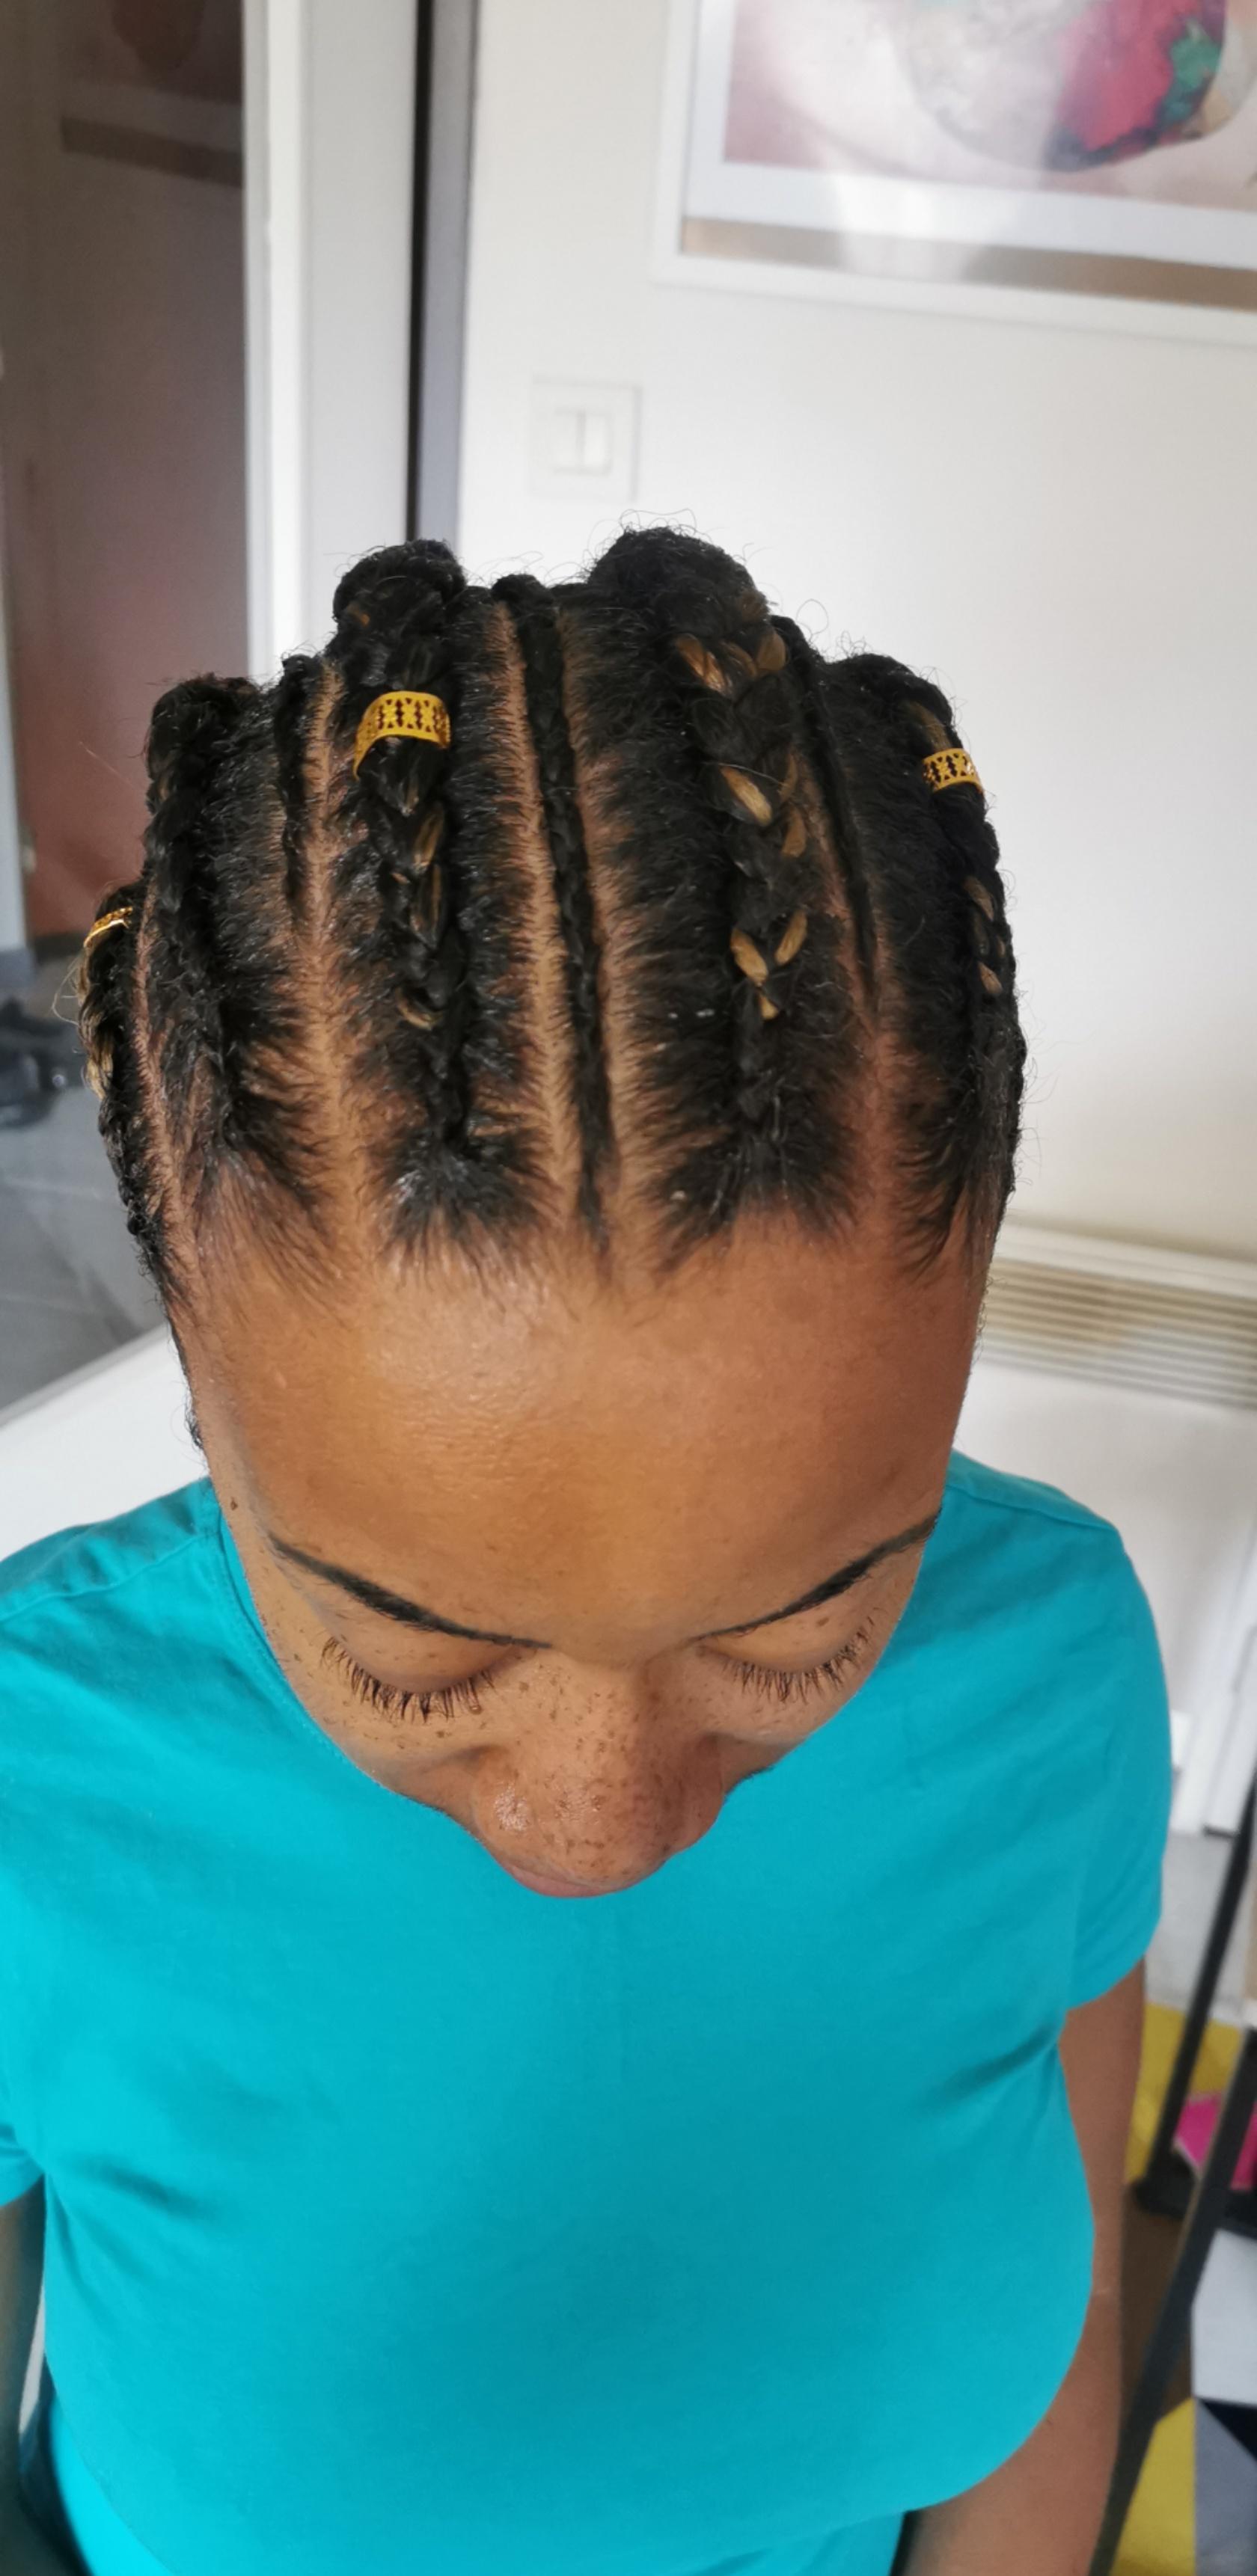 salon de coiffure afro tresse tresses box braids crochet braids vanilles tissages paris 75 77 78 91 92 93 94 95 EBJJNAXE